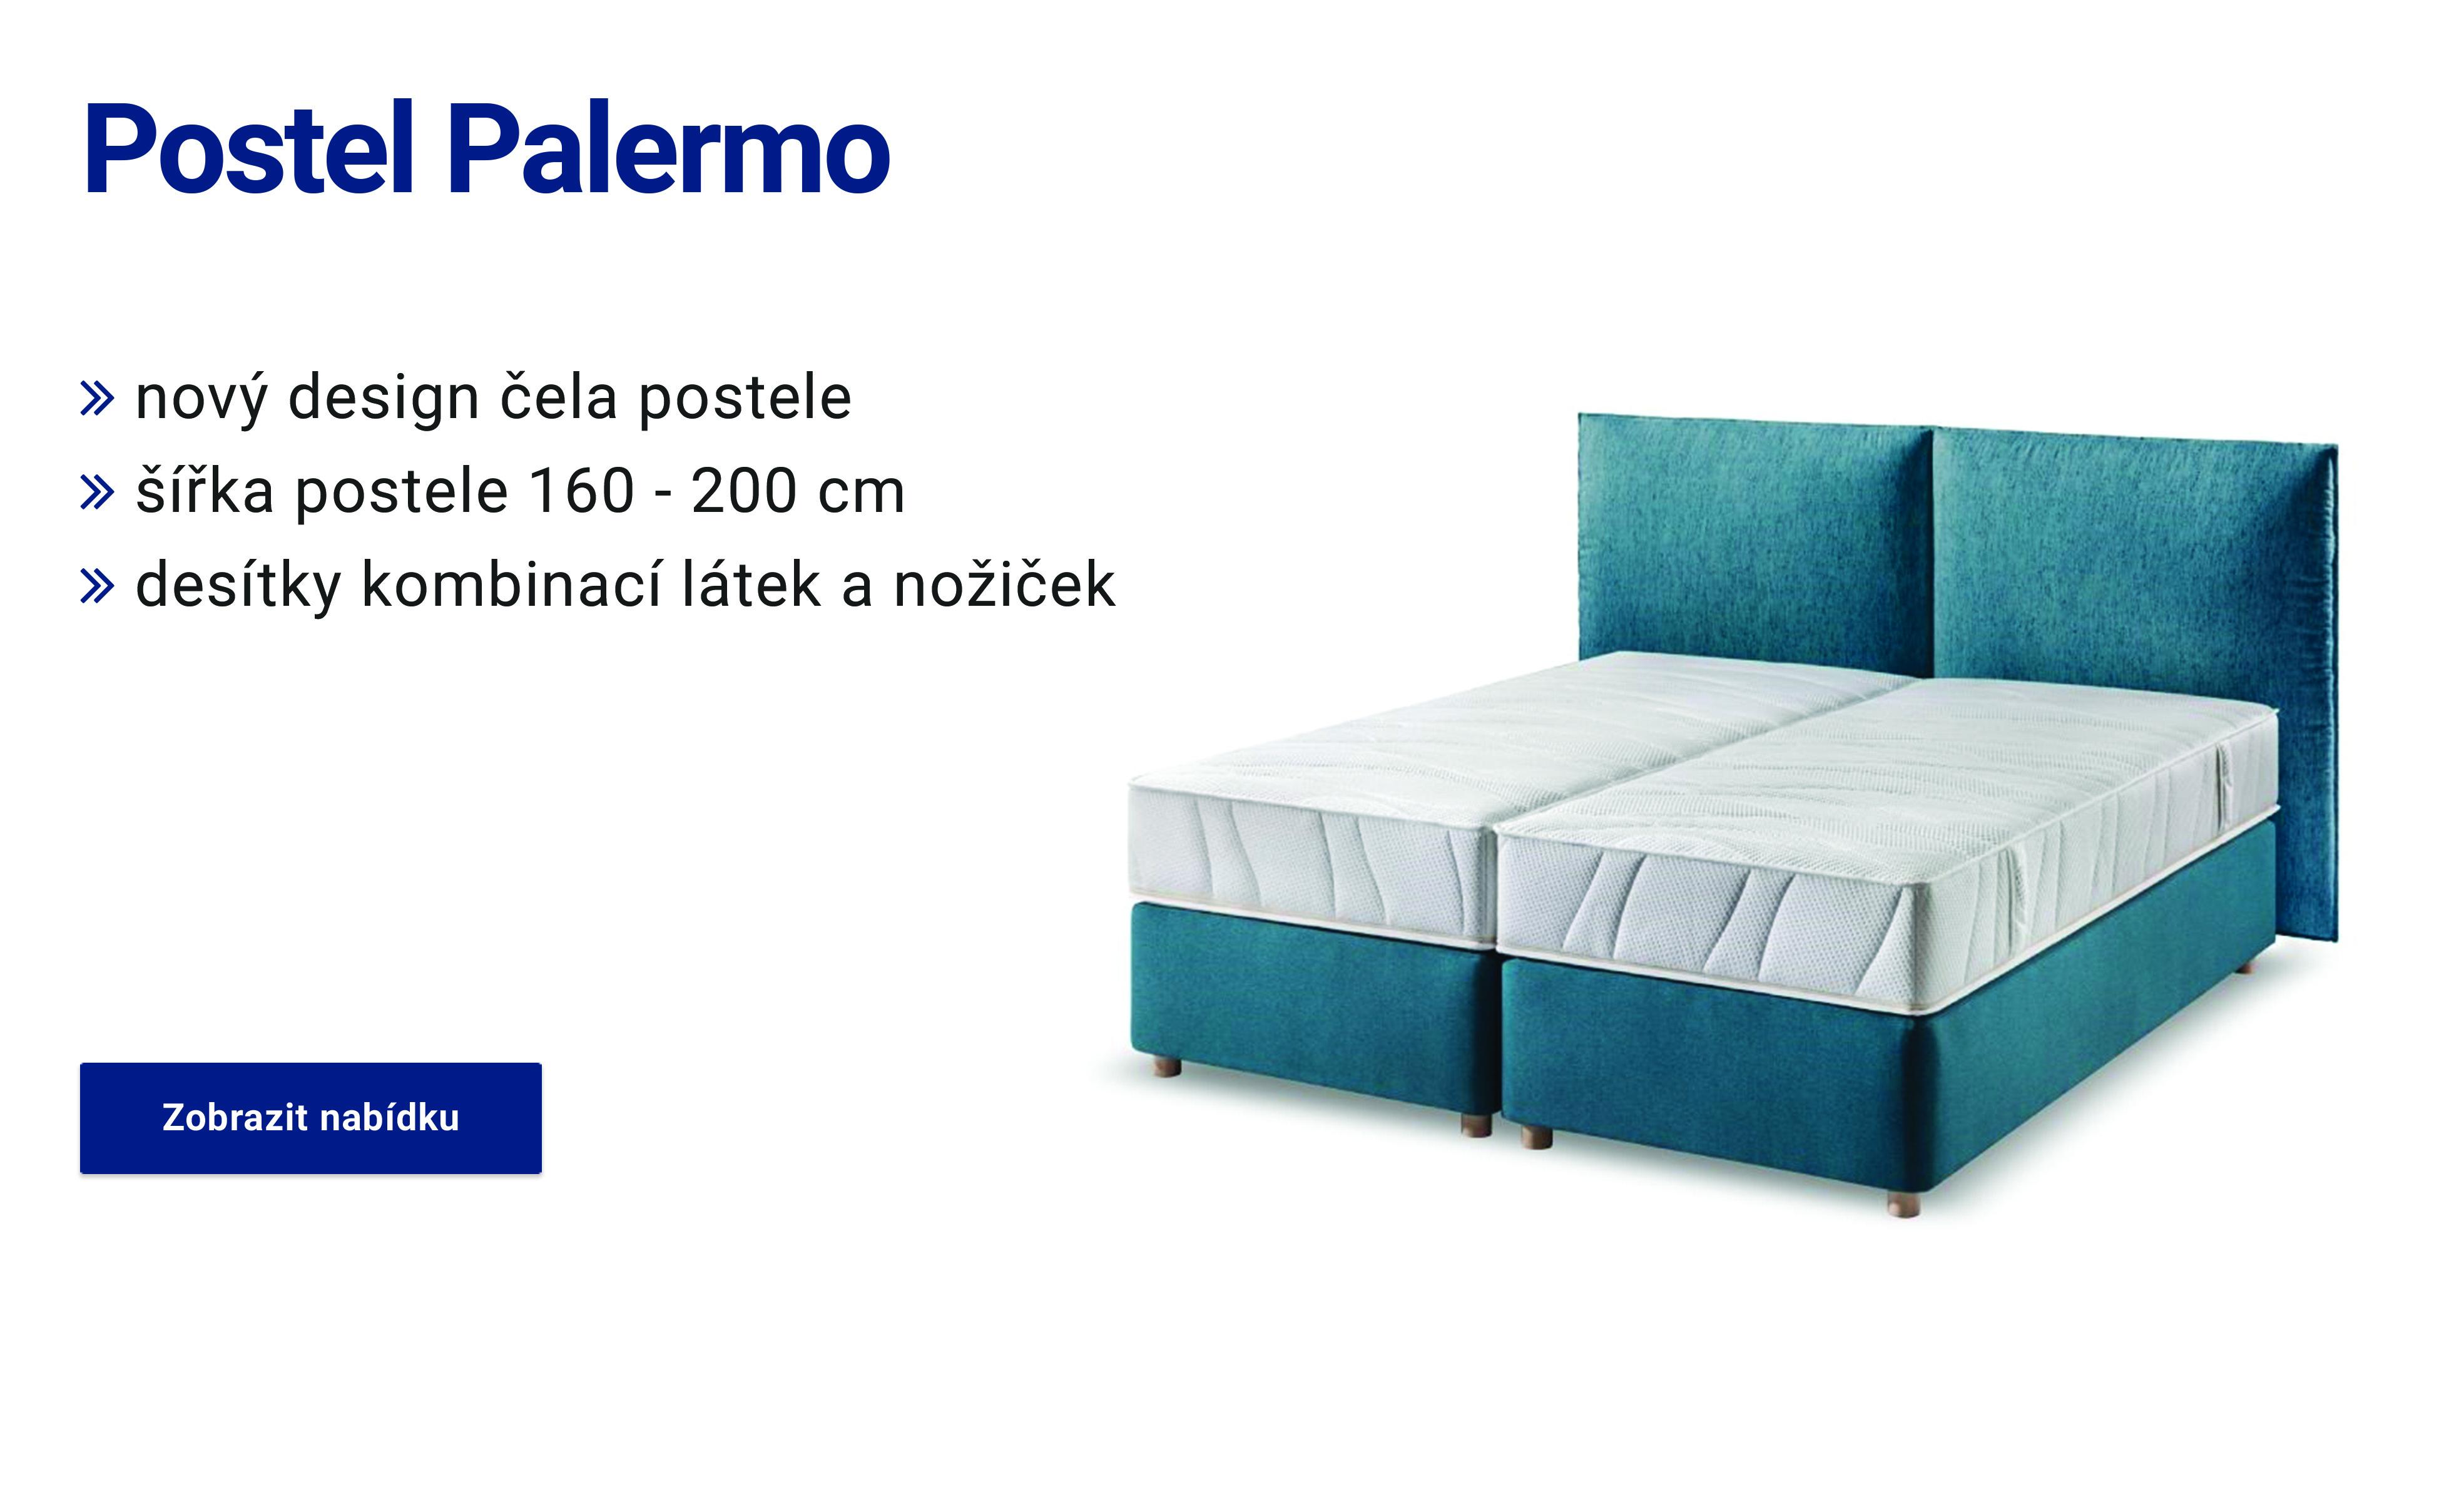 kontinentální postel Palermo